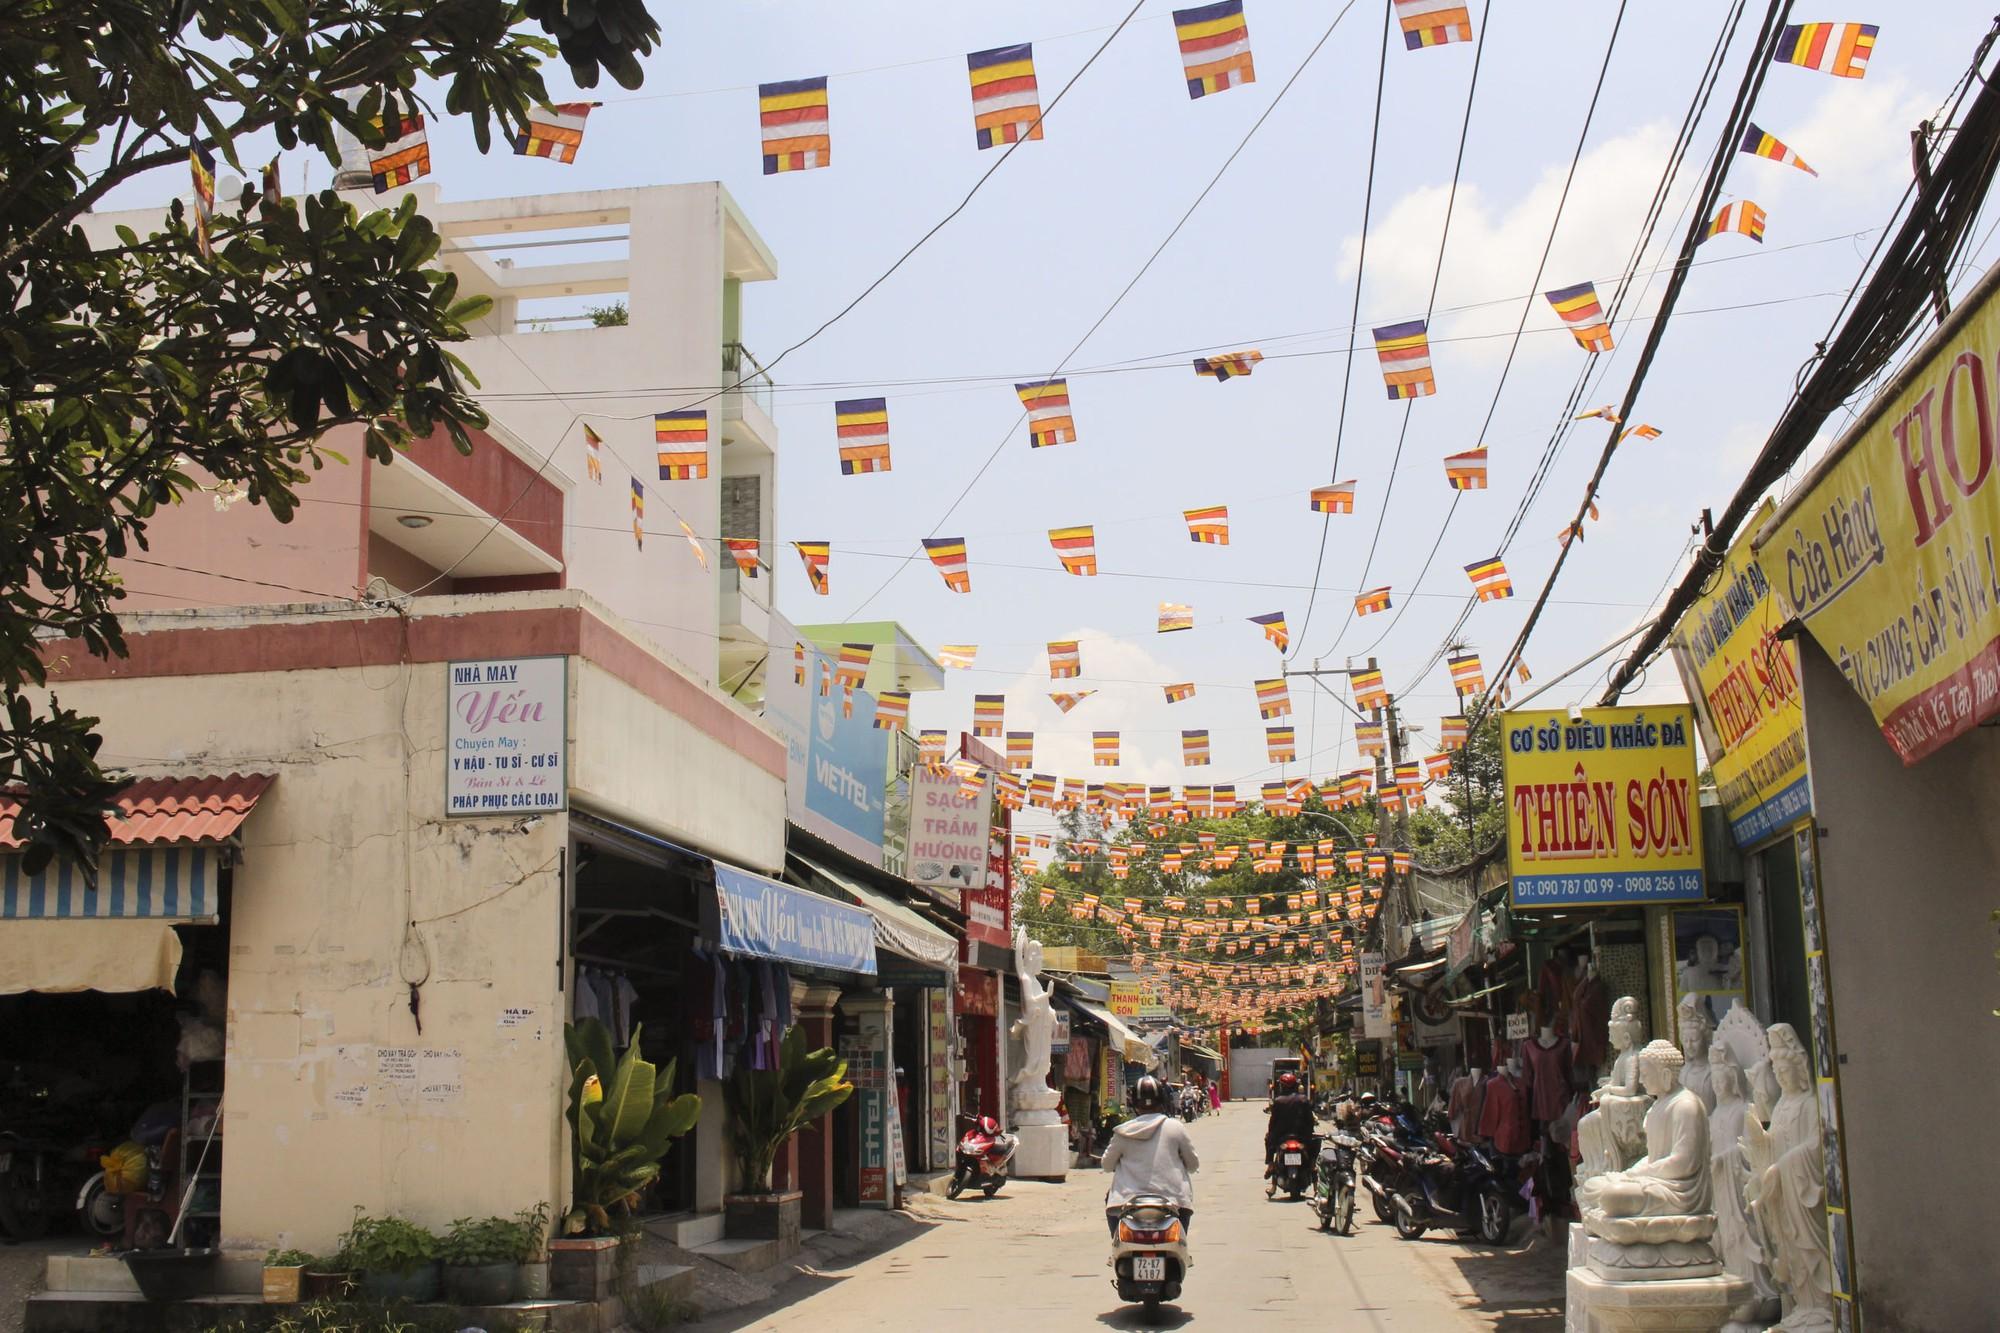 Thăm ngôi chùa lớn nhất TP HCM trước ngày lễ Phật Đản - Ảnh 1.